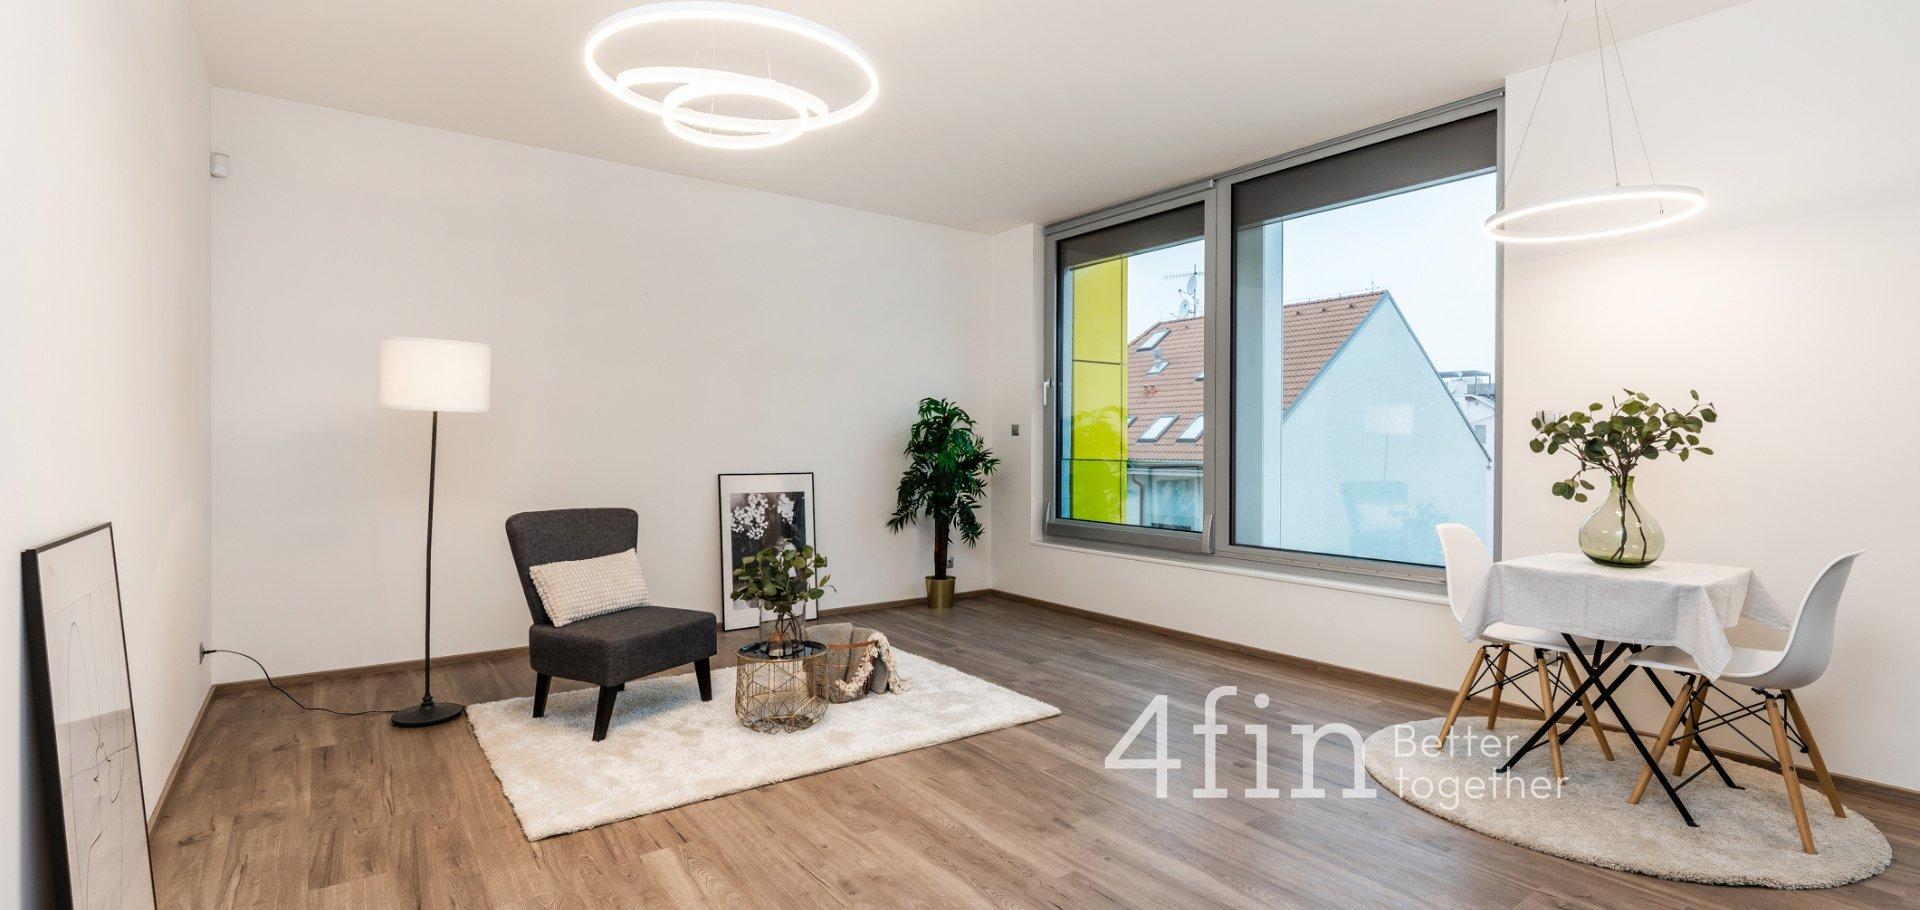 Pronájem luxusního bytu 2+kk, 55m² - Praha - Libeň